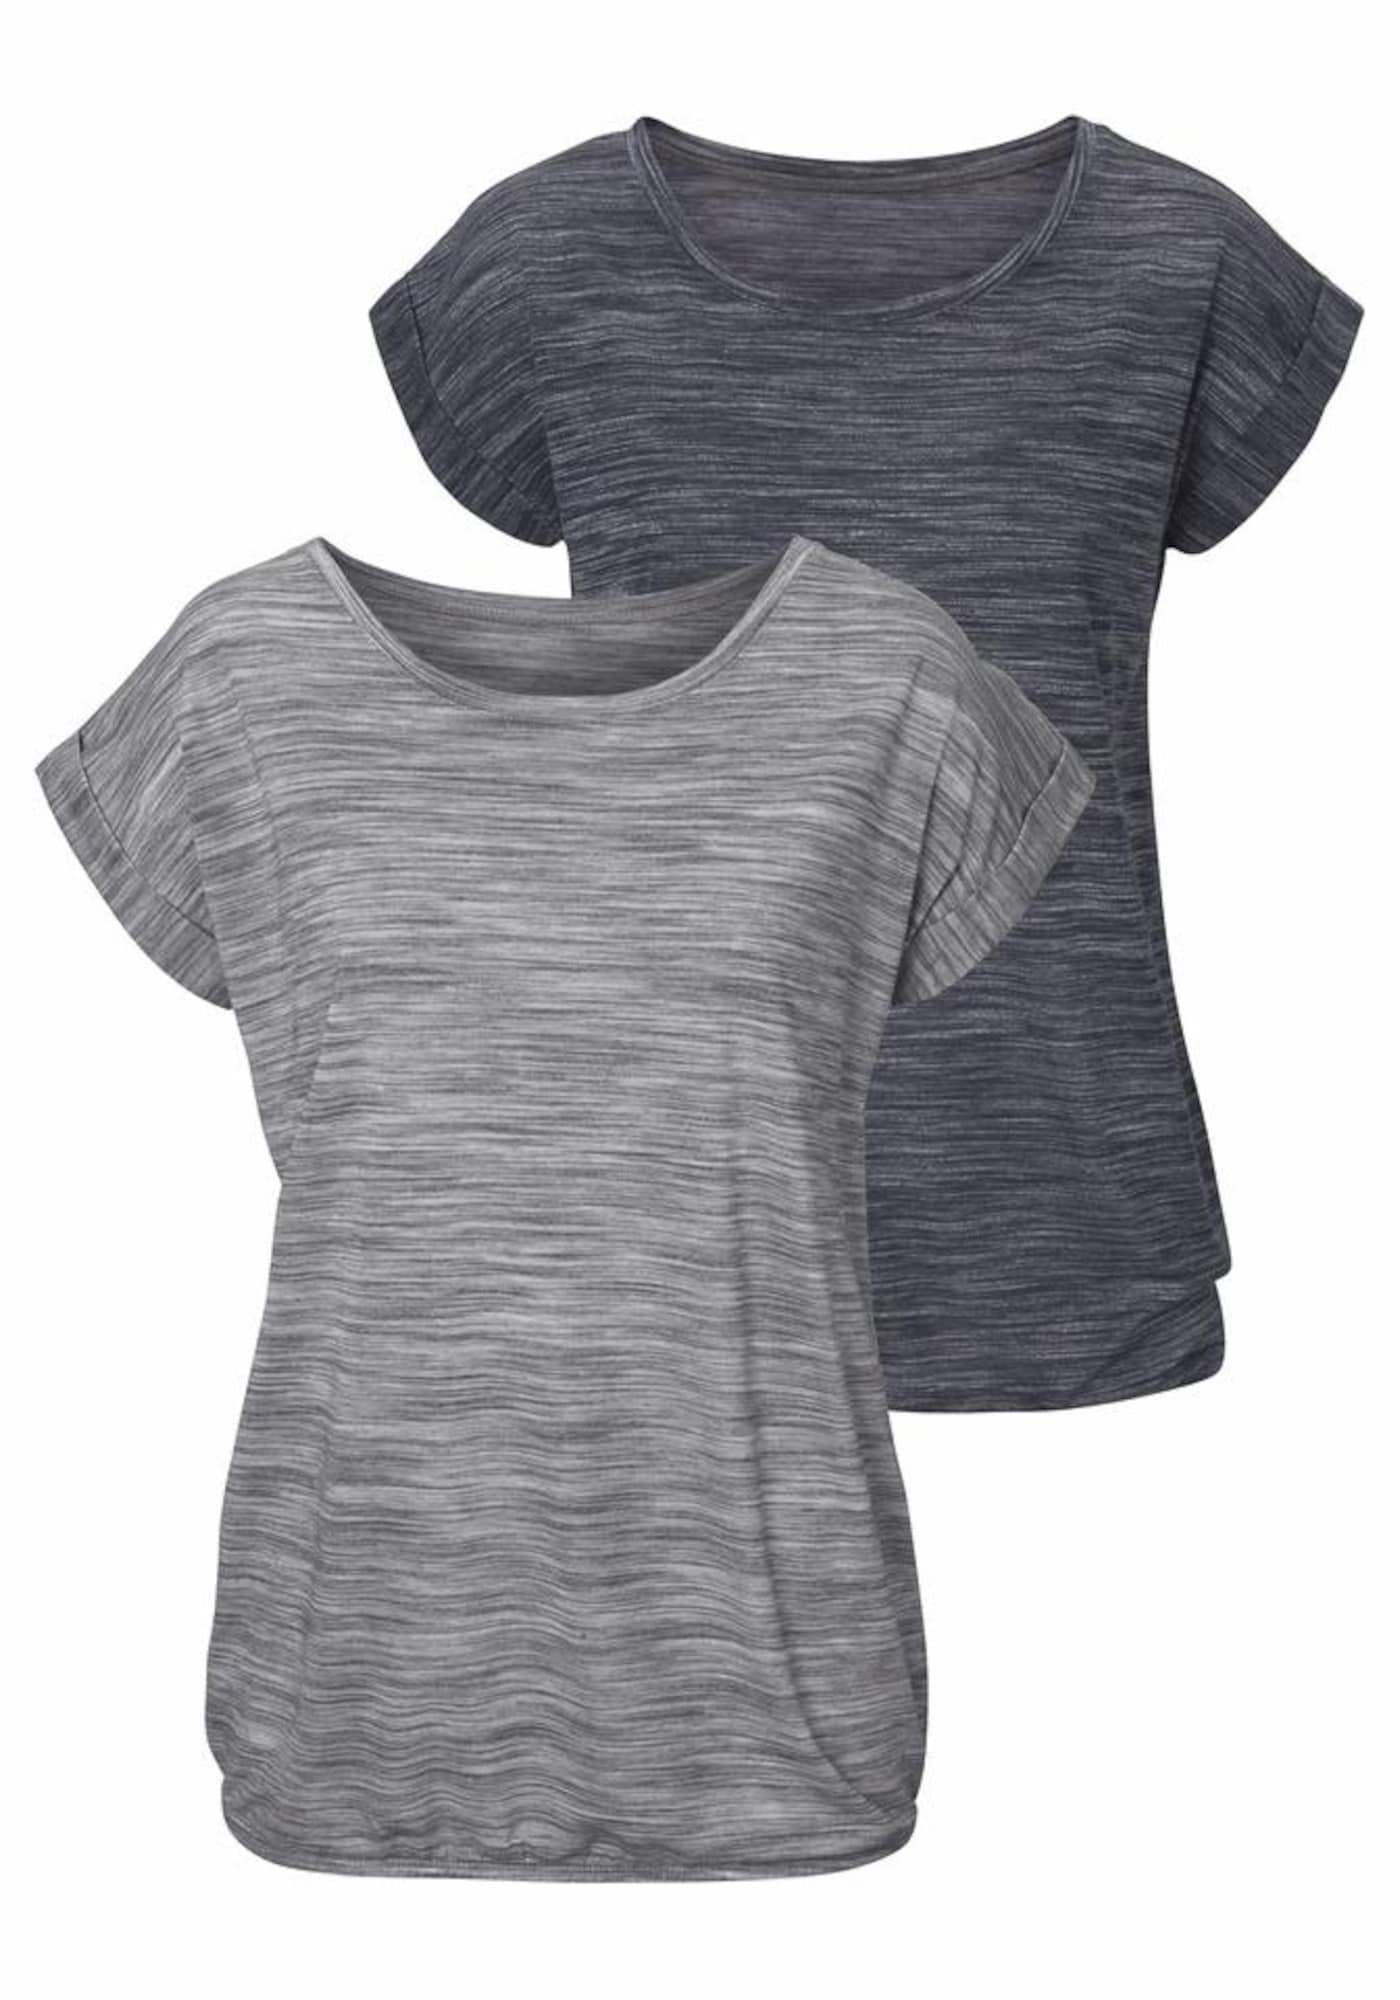 BEACH TIME Marškinėliai margai pilka / margai juoda